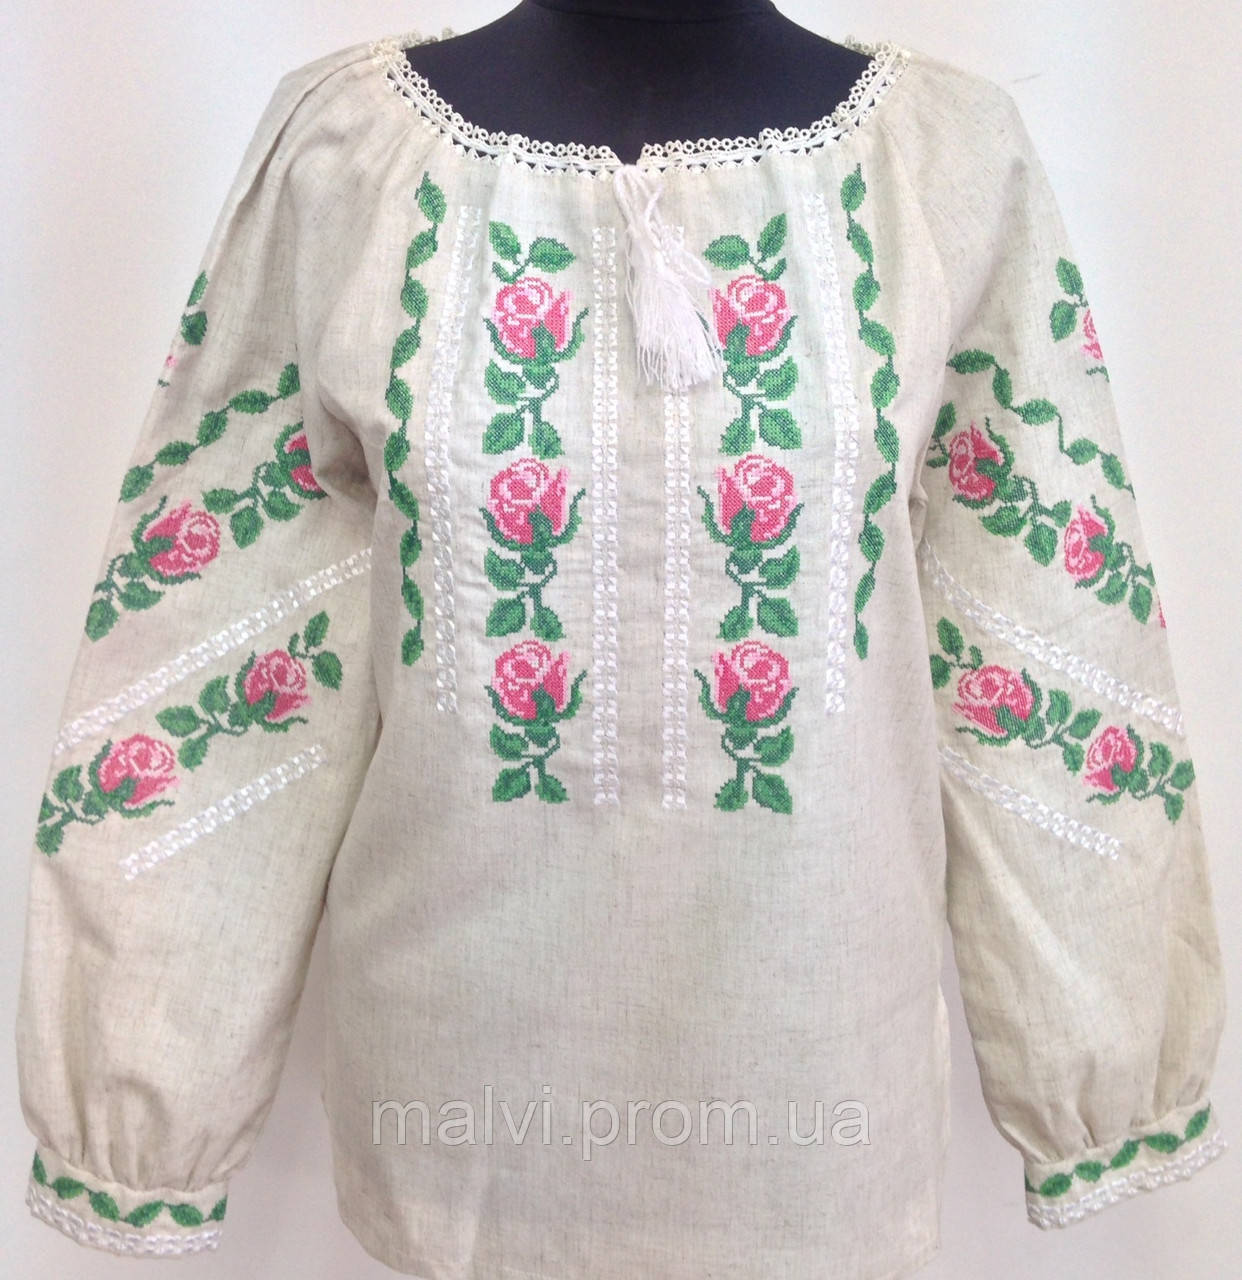 Вишиванка жіноча з трояндами льон - Інтернет-магазин